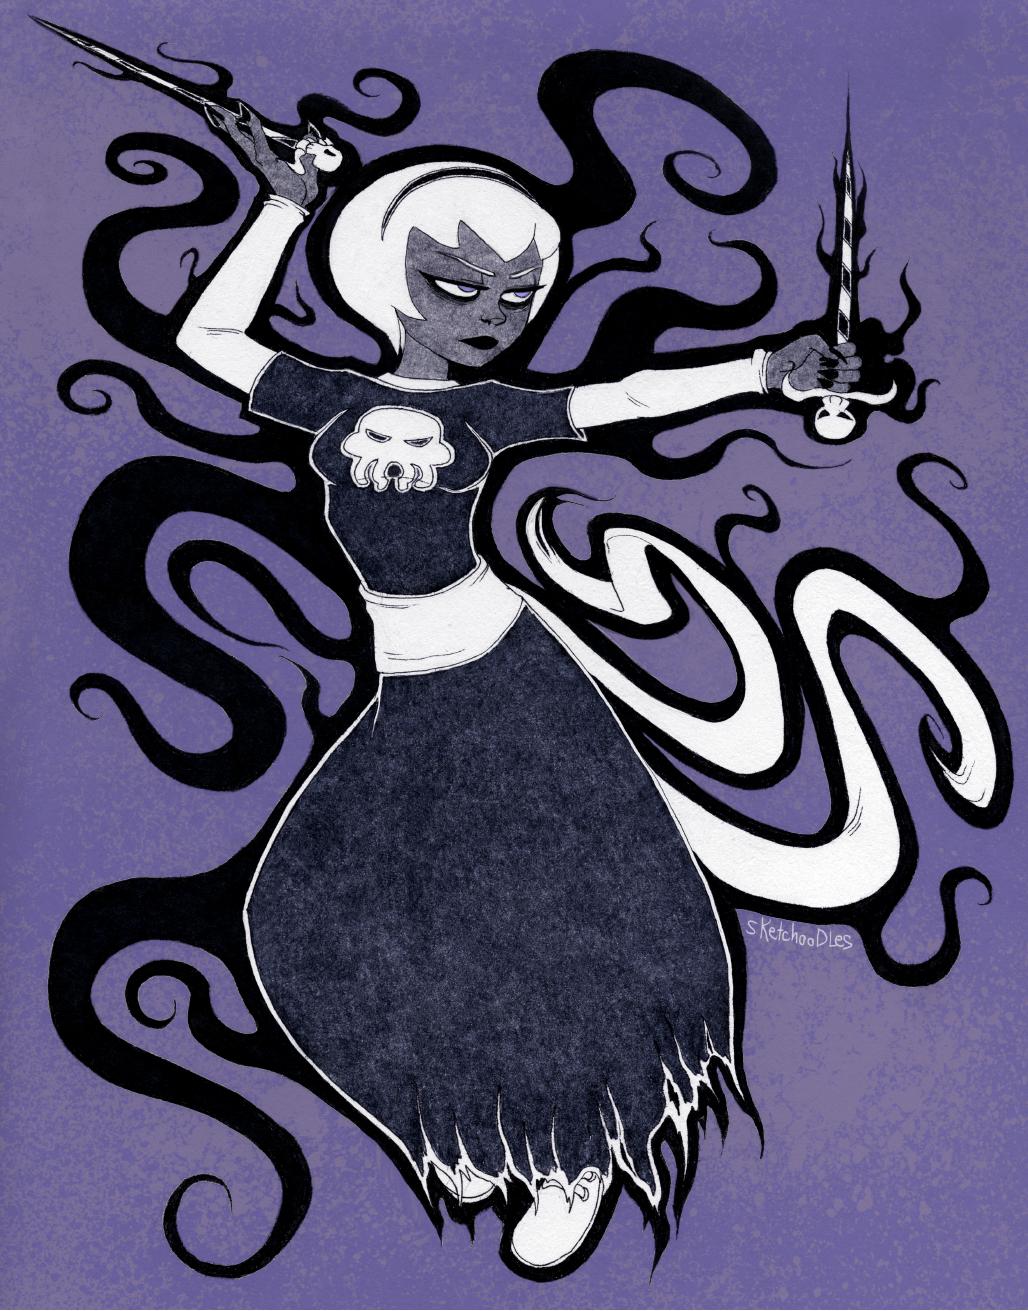 black_squiddle_dress grimdark rose_lalonde sketchoodles solo thorns_of_oglogoth